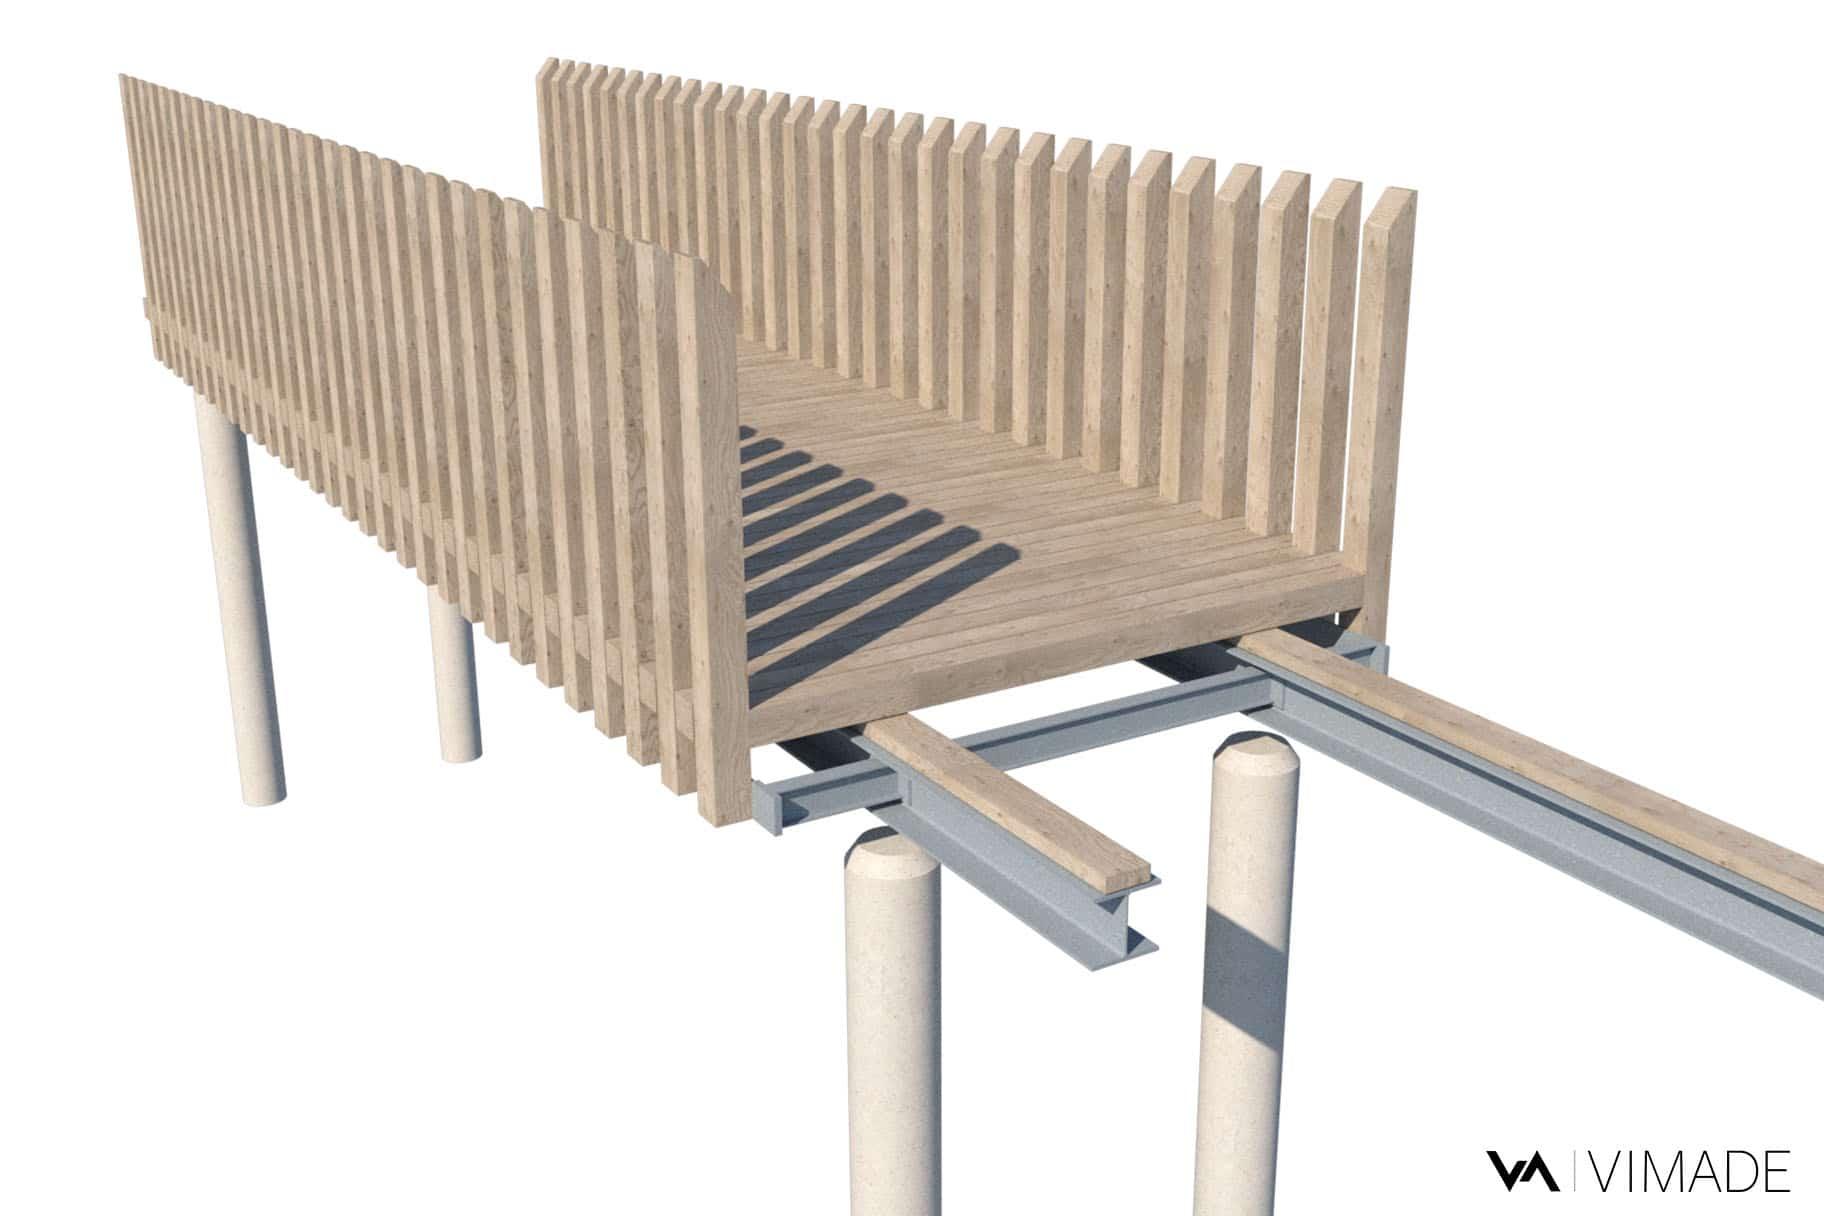 Détail technique de la passerelle en bois du parc William Rappard, modélisation 3D